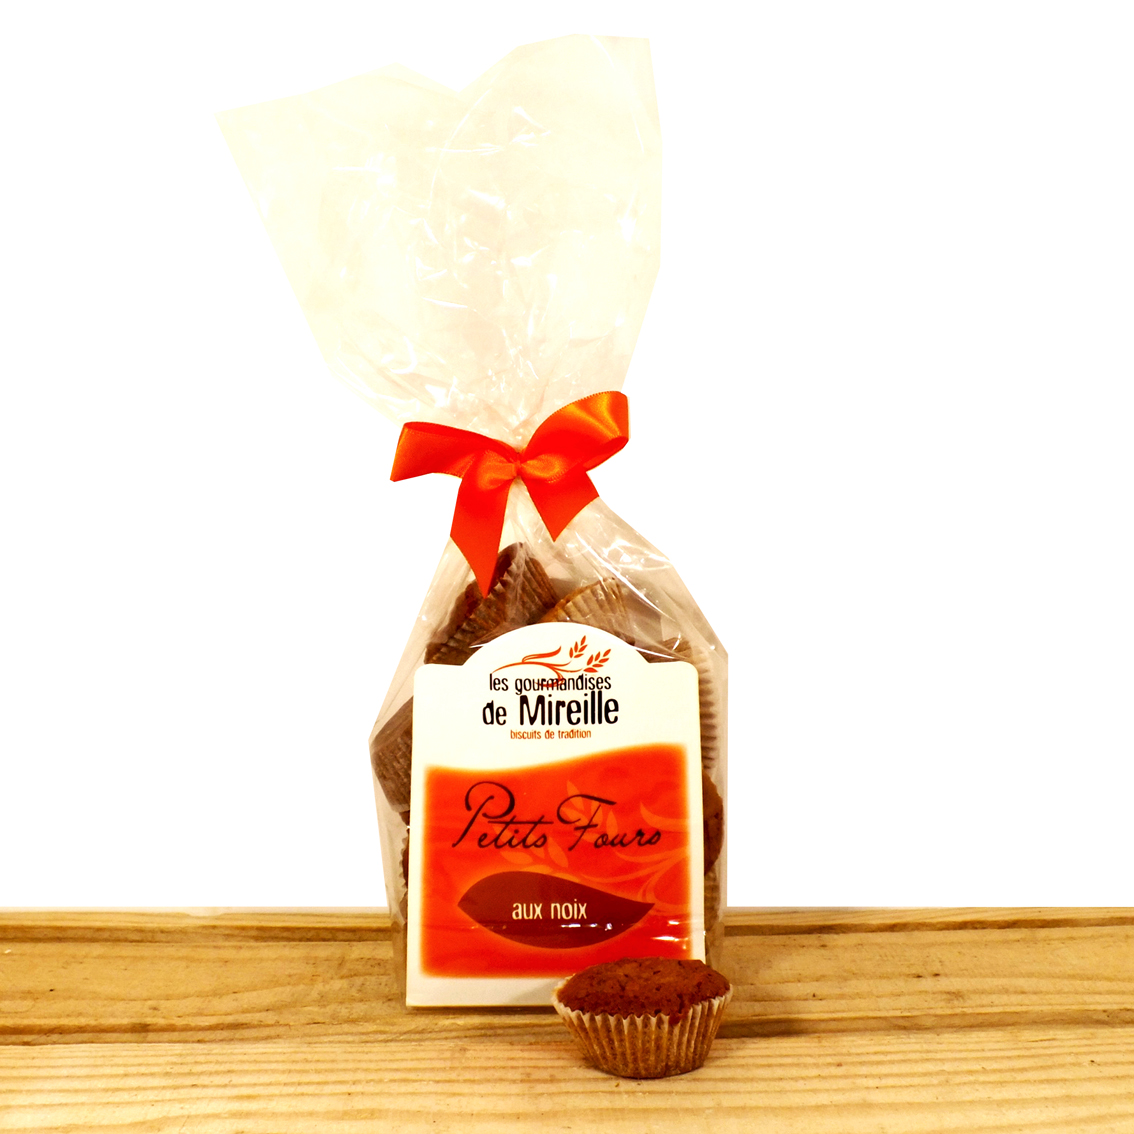 Petits fours noix Les Gourmandises de Mireille